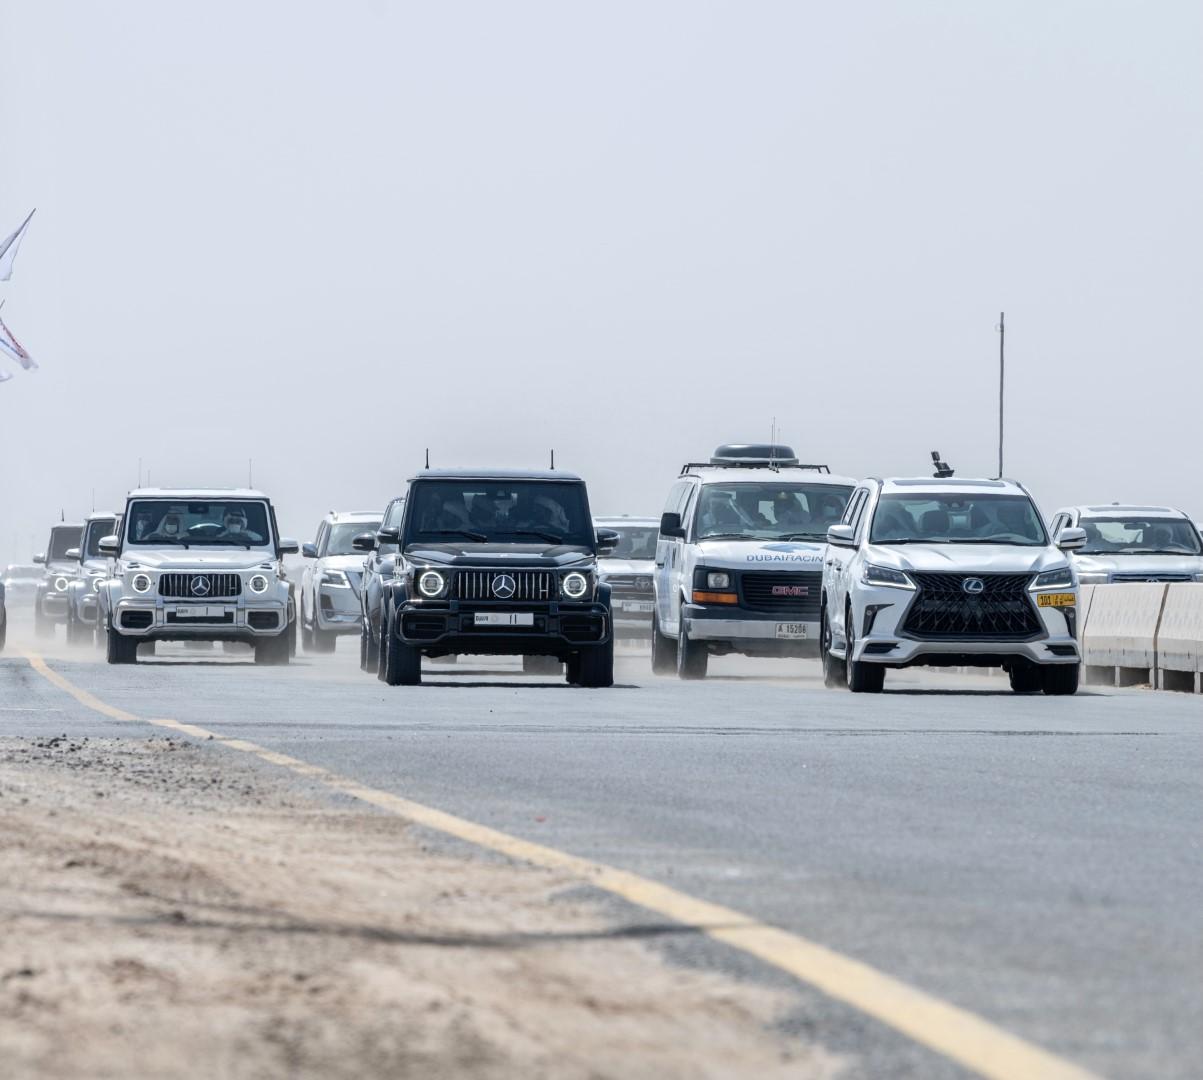 محمد بن راشد يشهد ختامي المرموم وثلاثية العاصفة